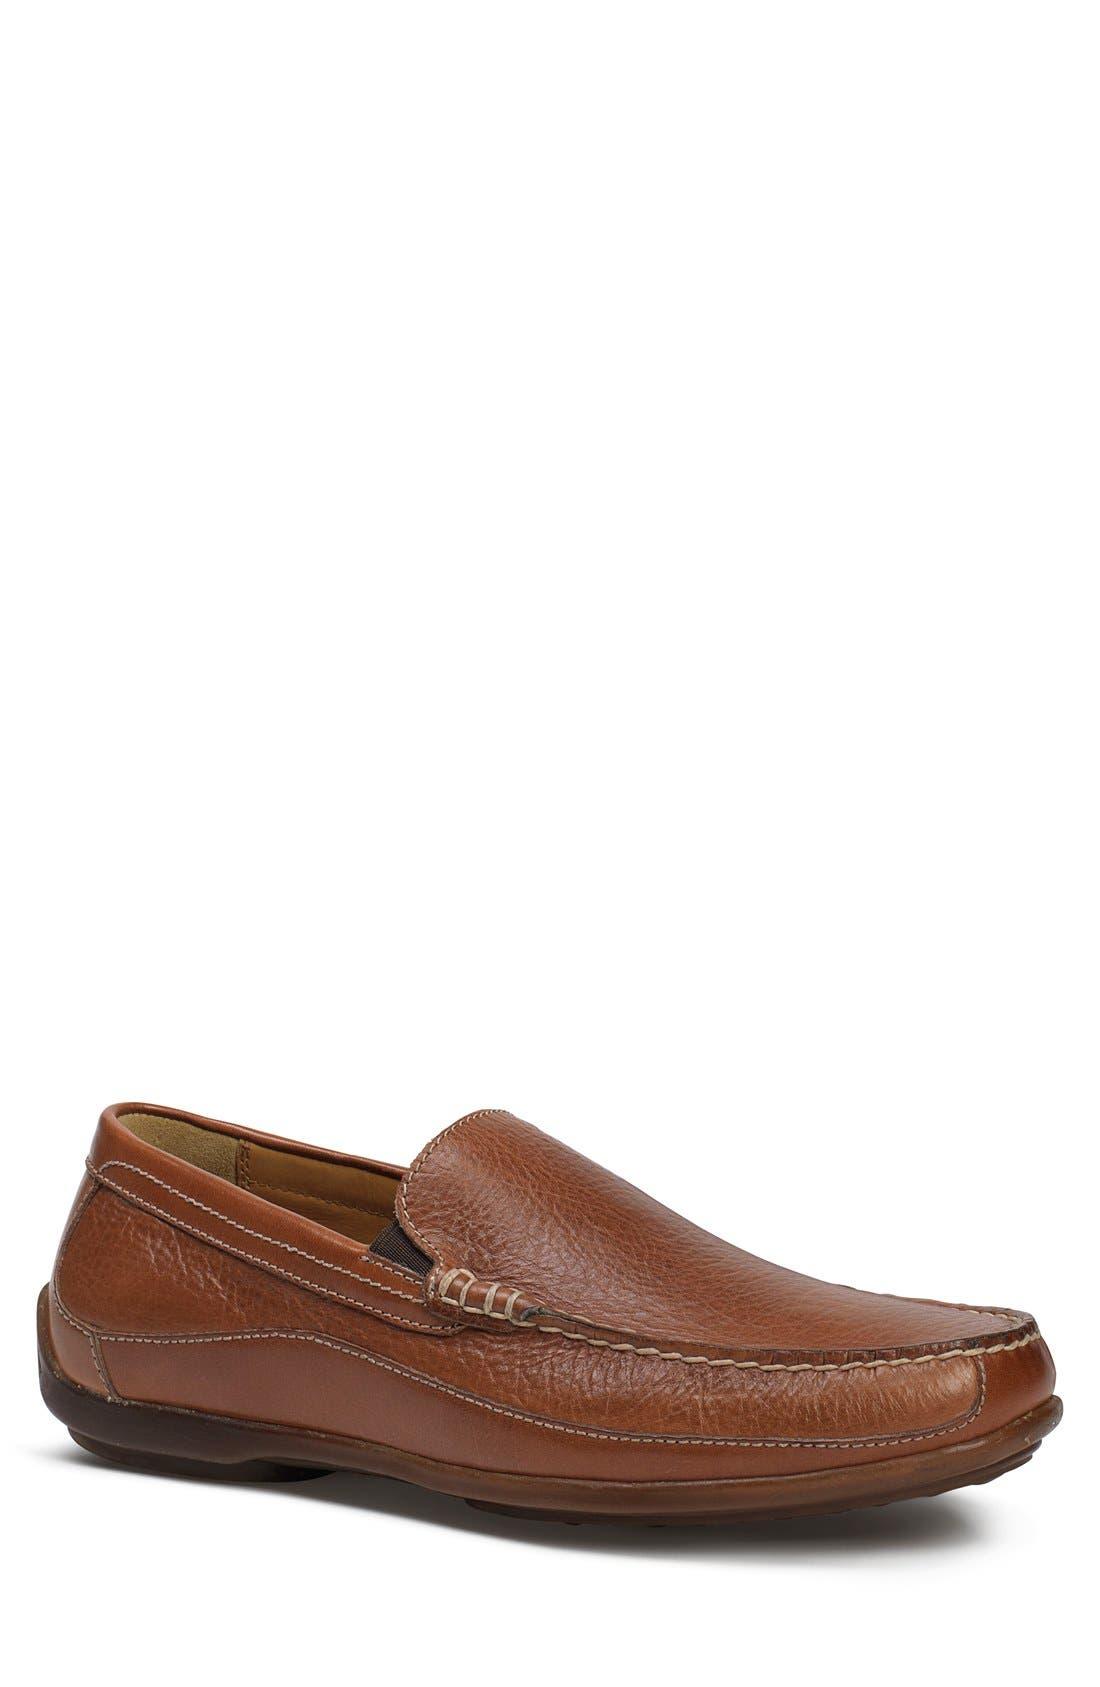 'Declan' Moc Toe Venetian Slip-On,                             Main thumbnail 1, color,                             Saddle Tan